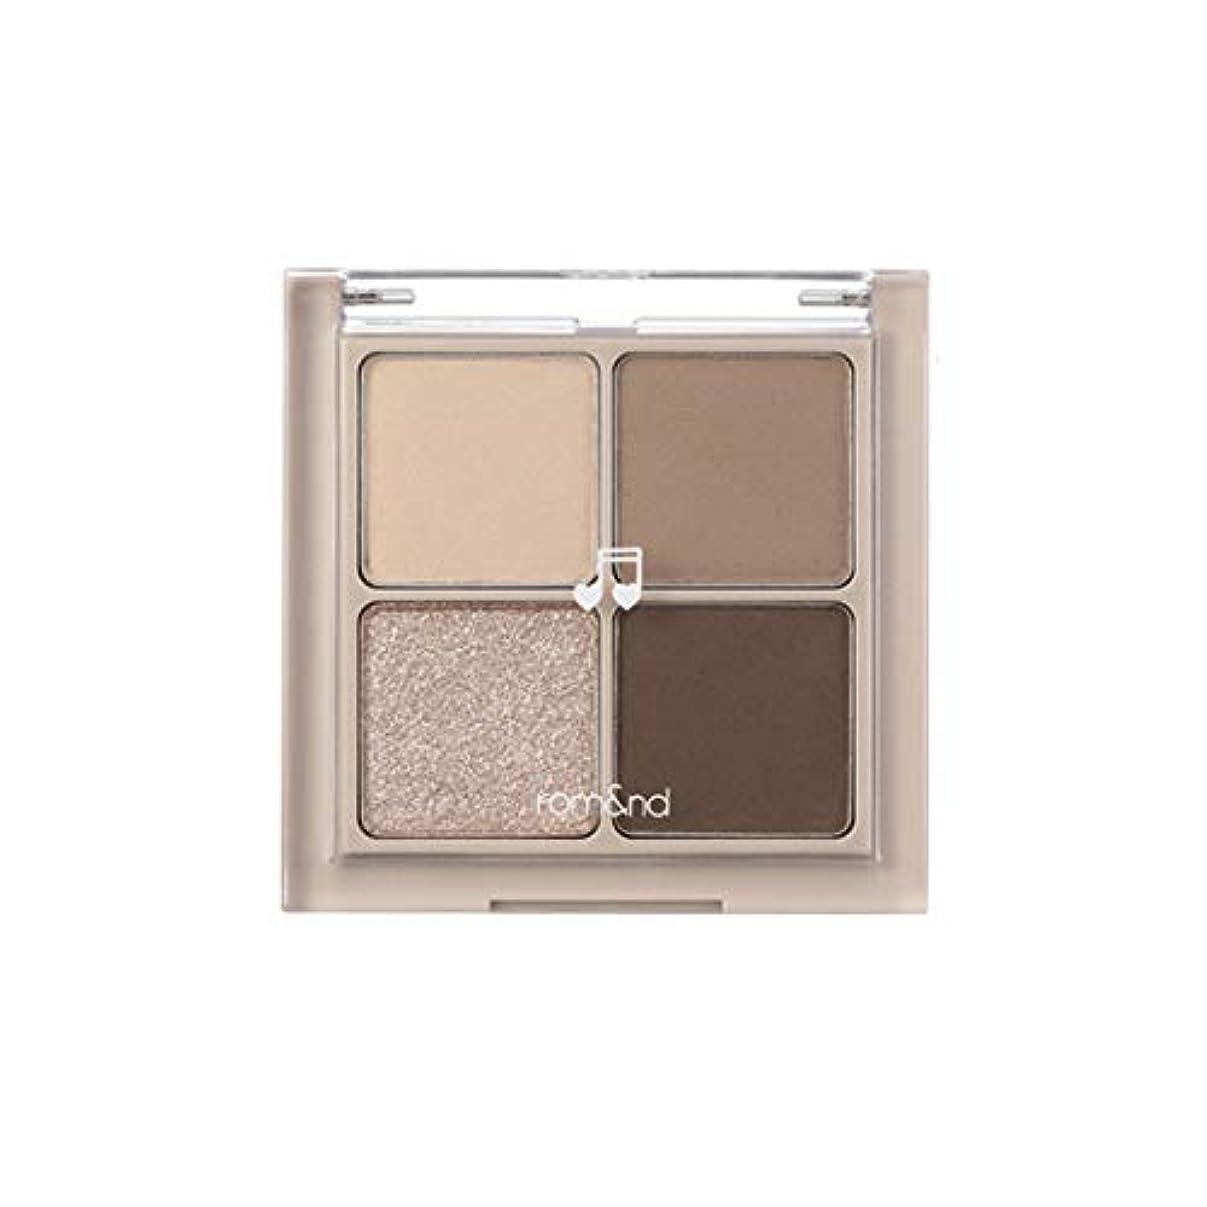 フライト吸い込む掃くrom&nd BETTER THAN EYES Eyeshadow Palette 4色のアイシャドウパレット # M2 DRY buckwheat flower(並行輸入品)